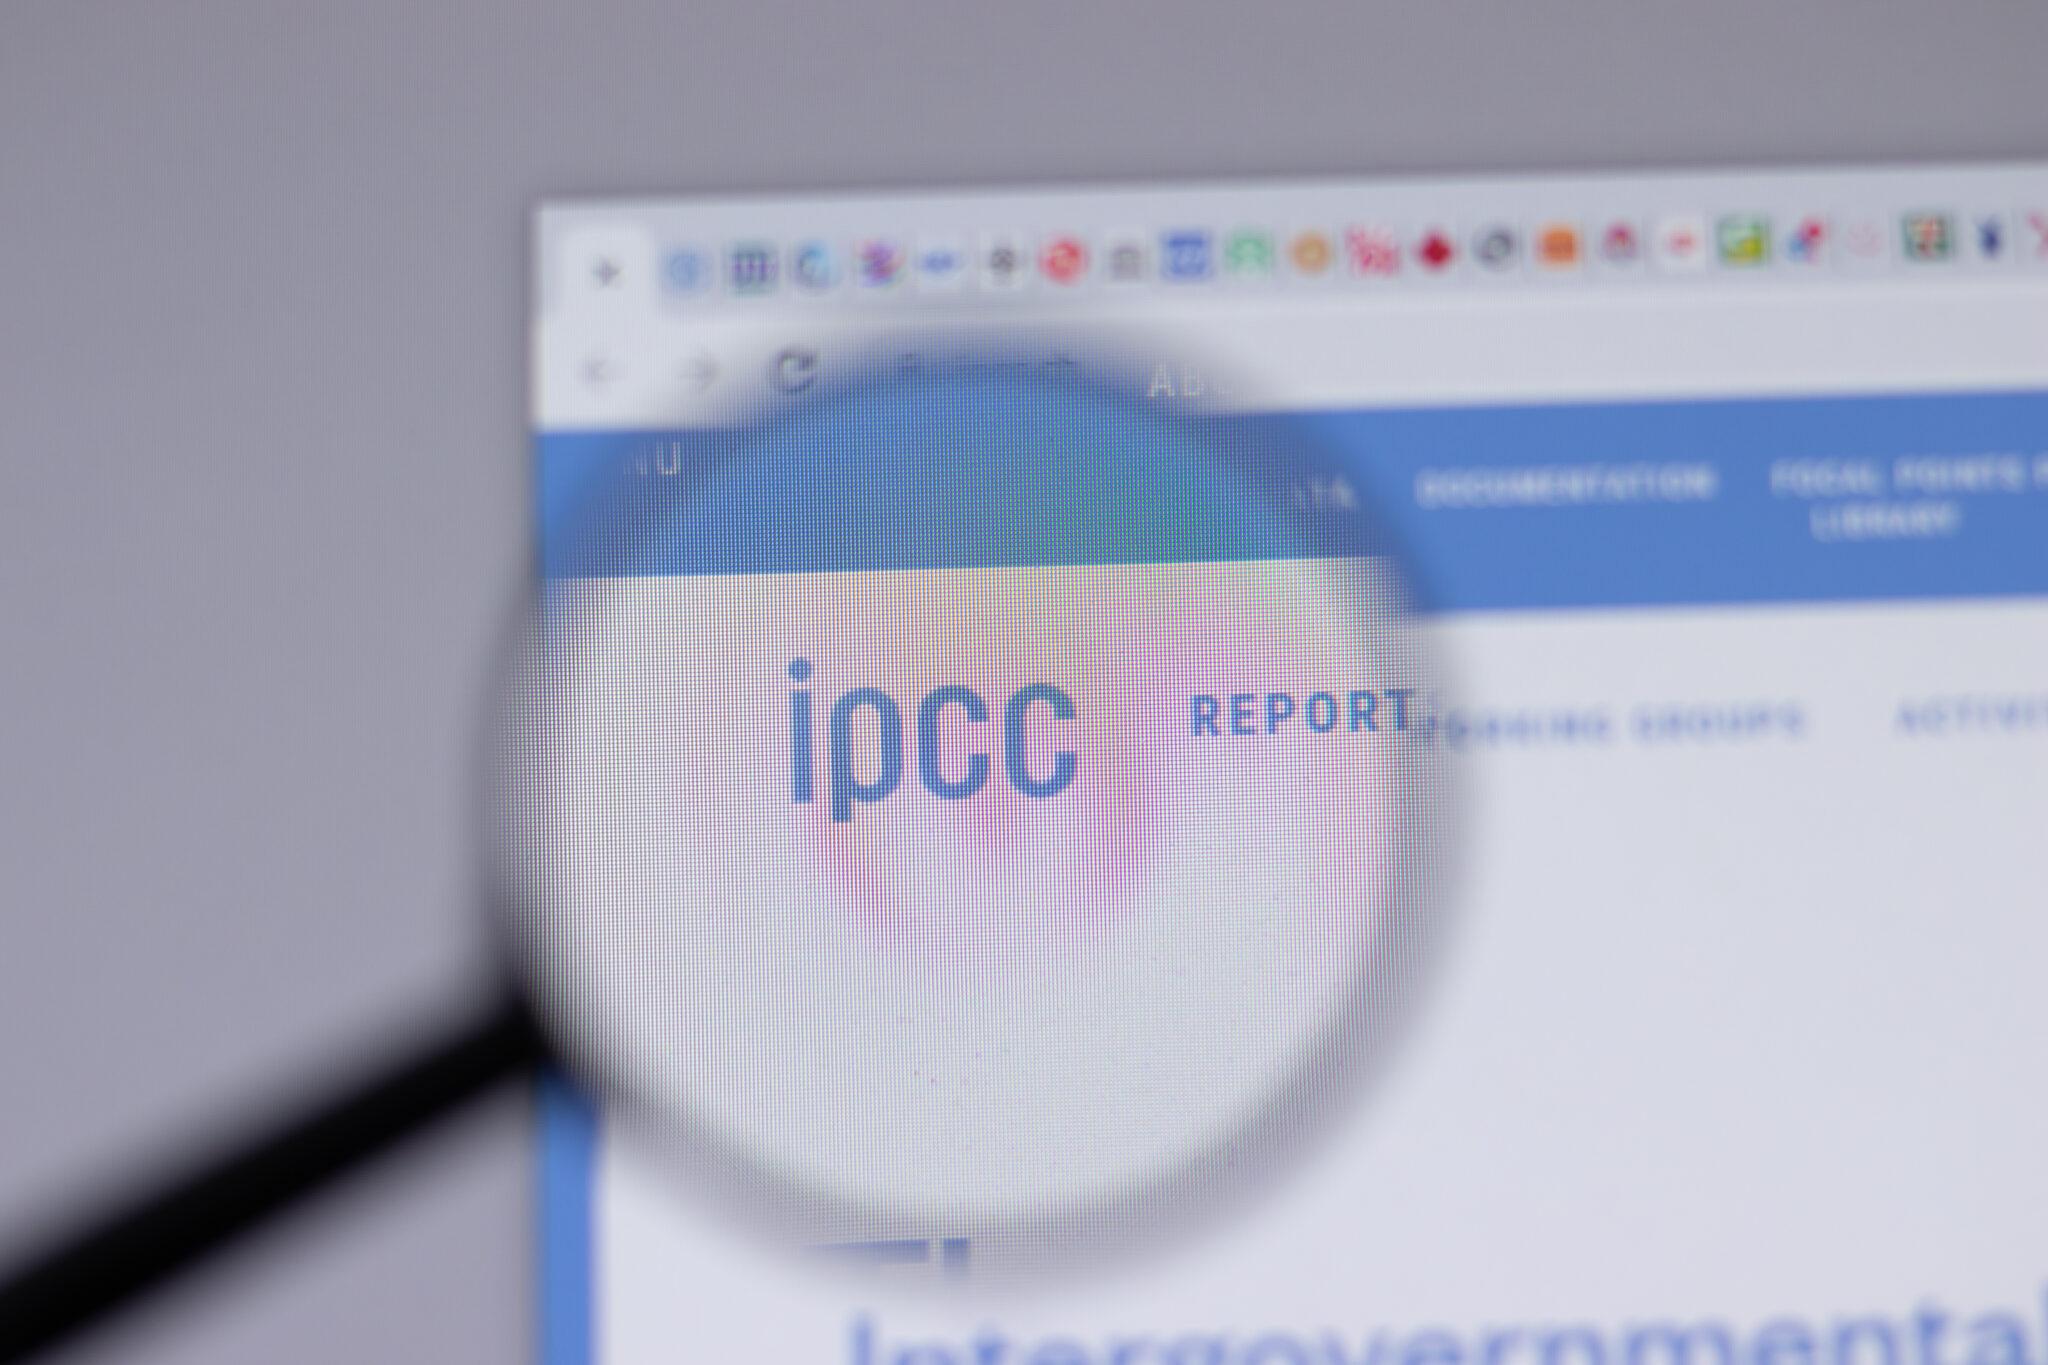 Eine Lupe vergrössert das IPCC Logo der Website